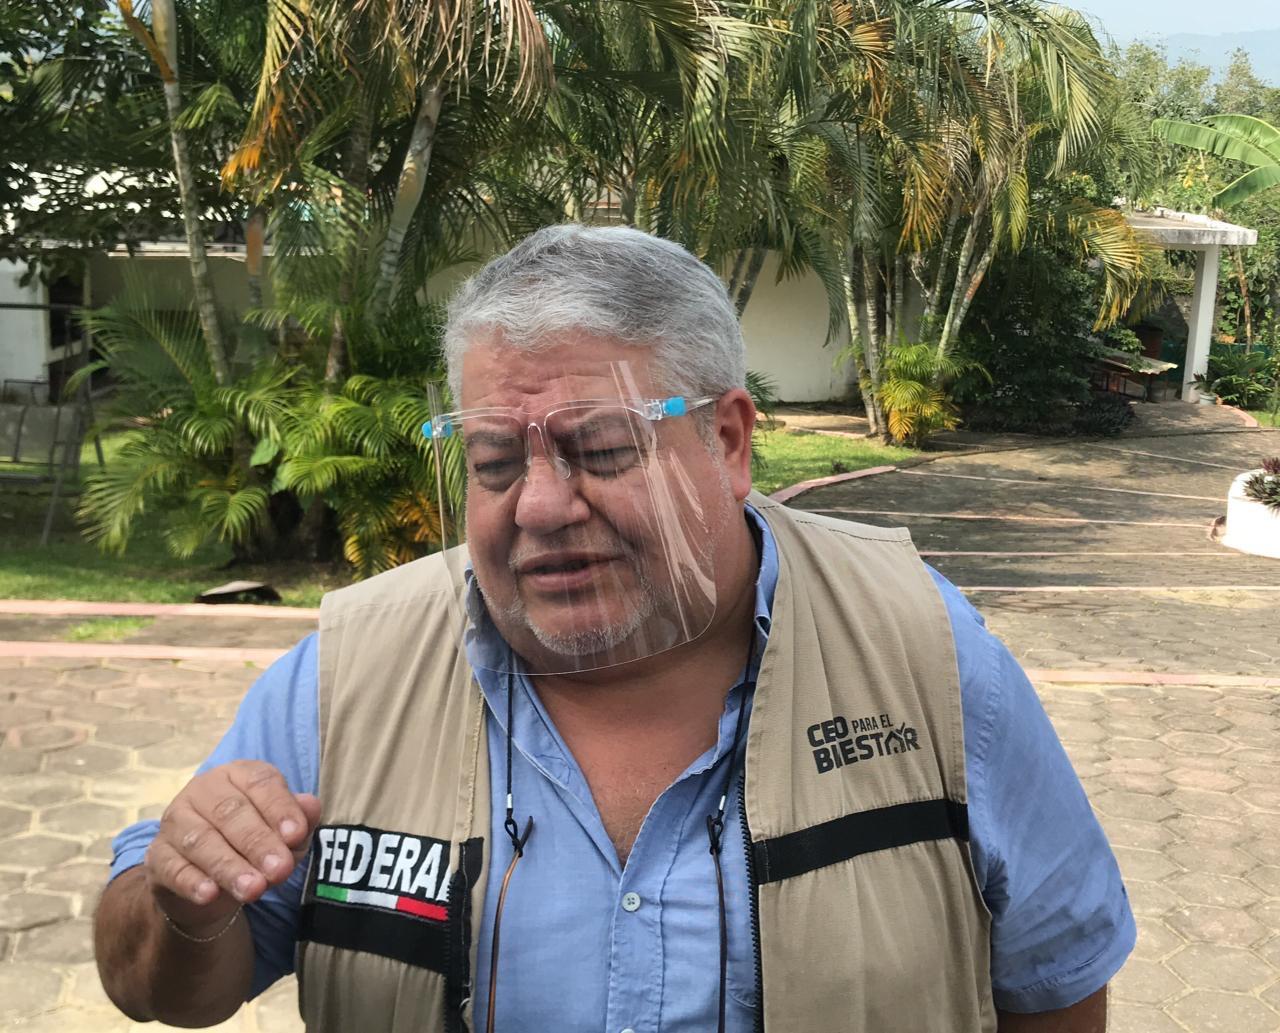 Para evitar sanciones, en marzo adelantarán todos los programas de apoyo: Huerta